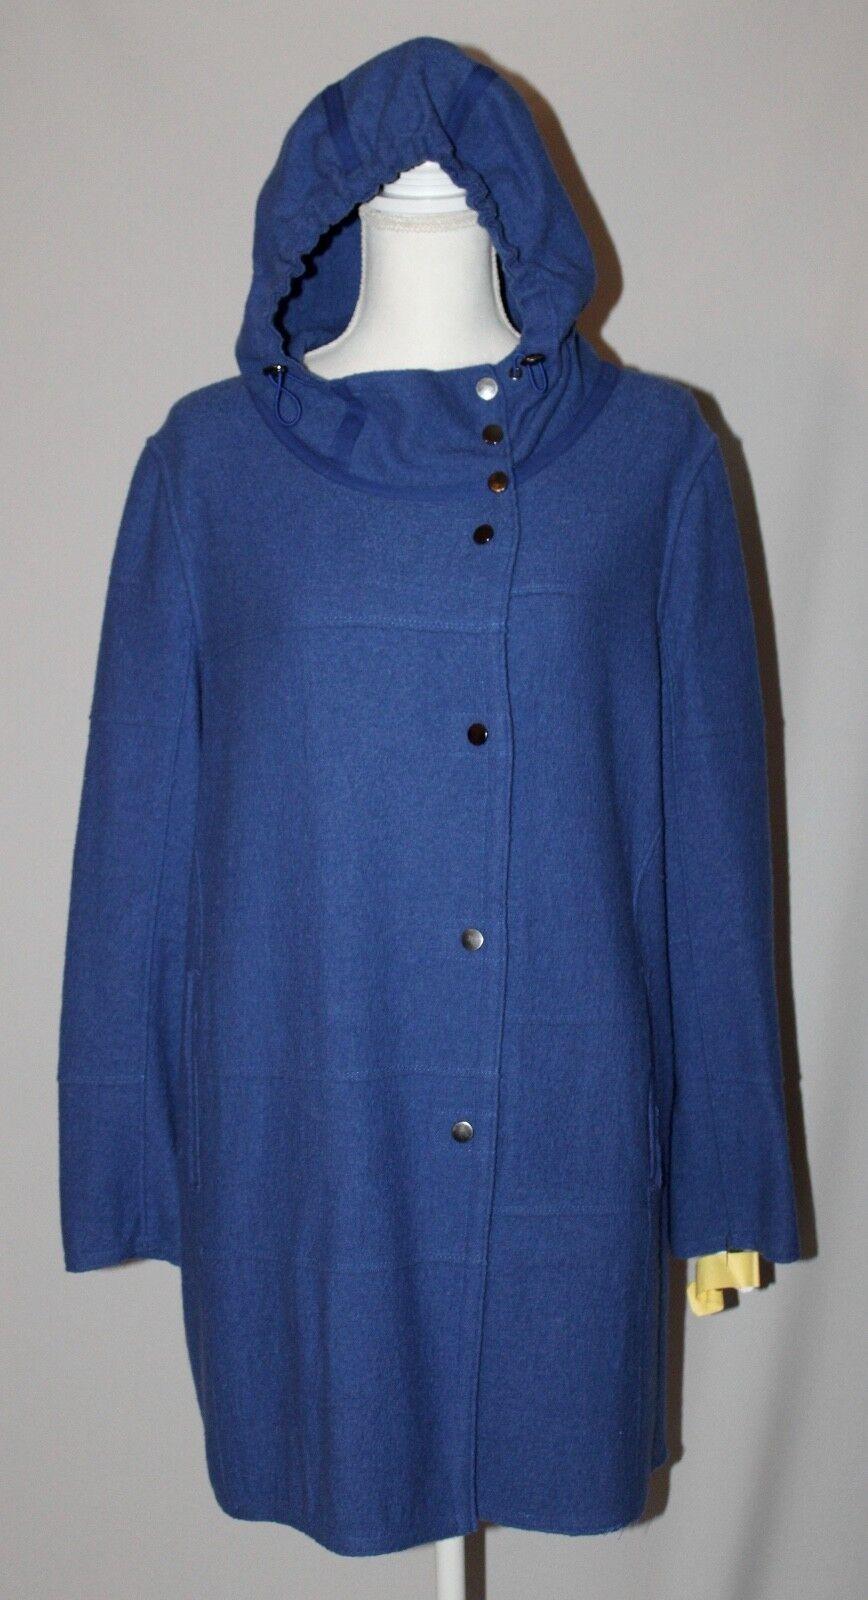 Kristen Blake Studio Sammlung Blau Wolle Langer Mantel Leicht Leicht Leicht GRÖSSE M Euc Fbb | Die Königin Der Qualität  | Genialität  | Großhandel  058031